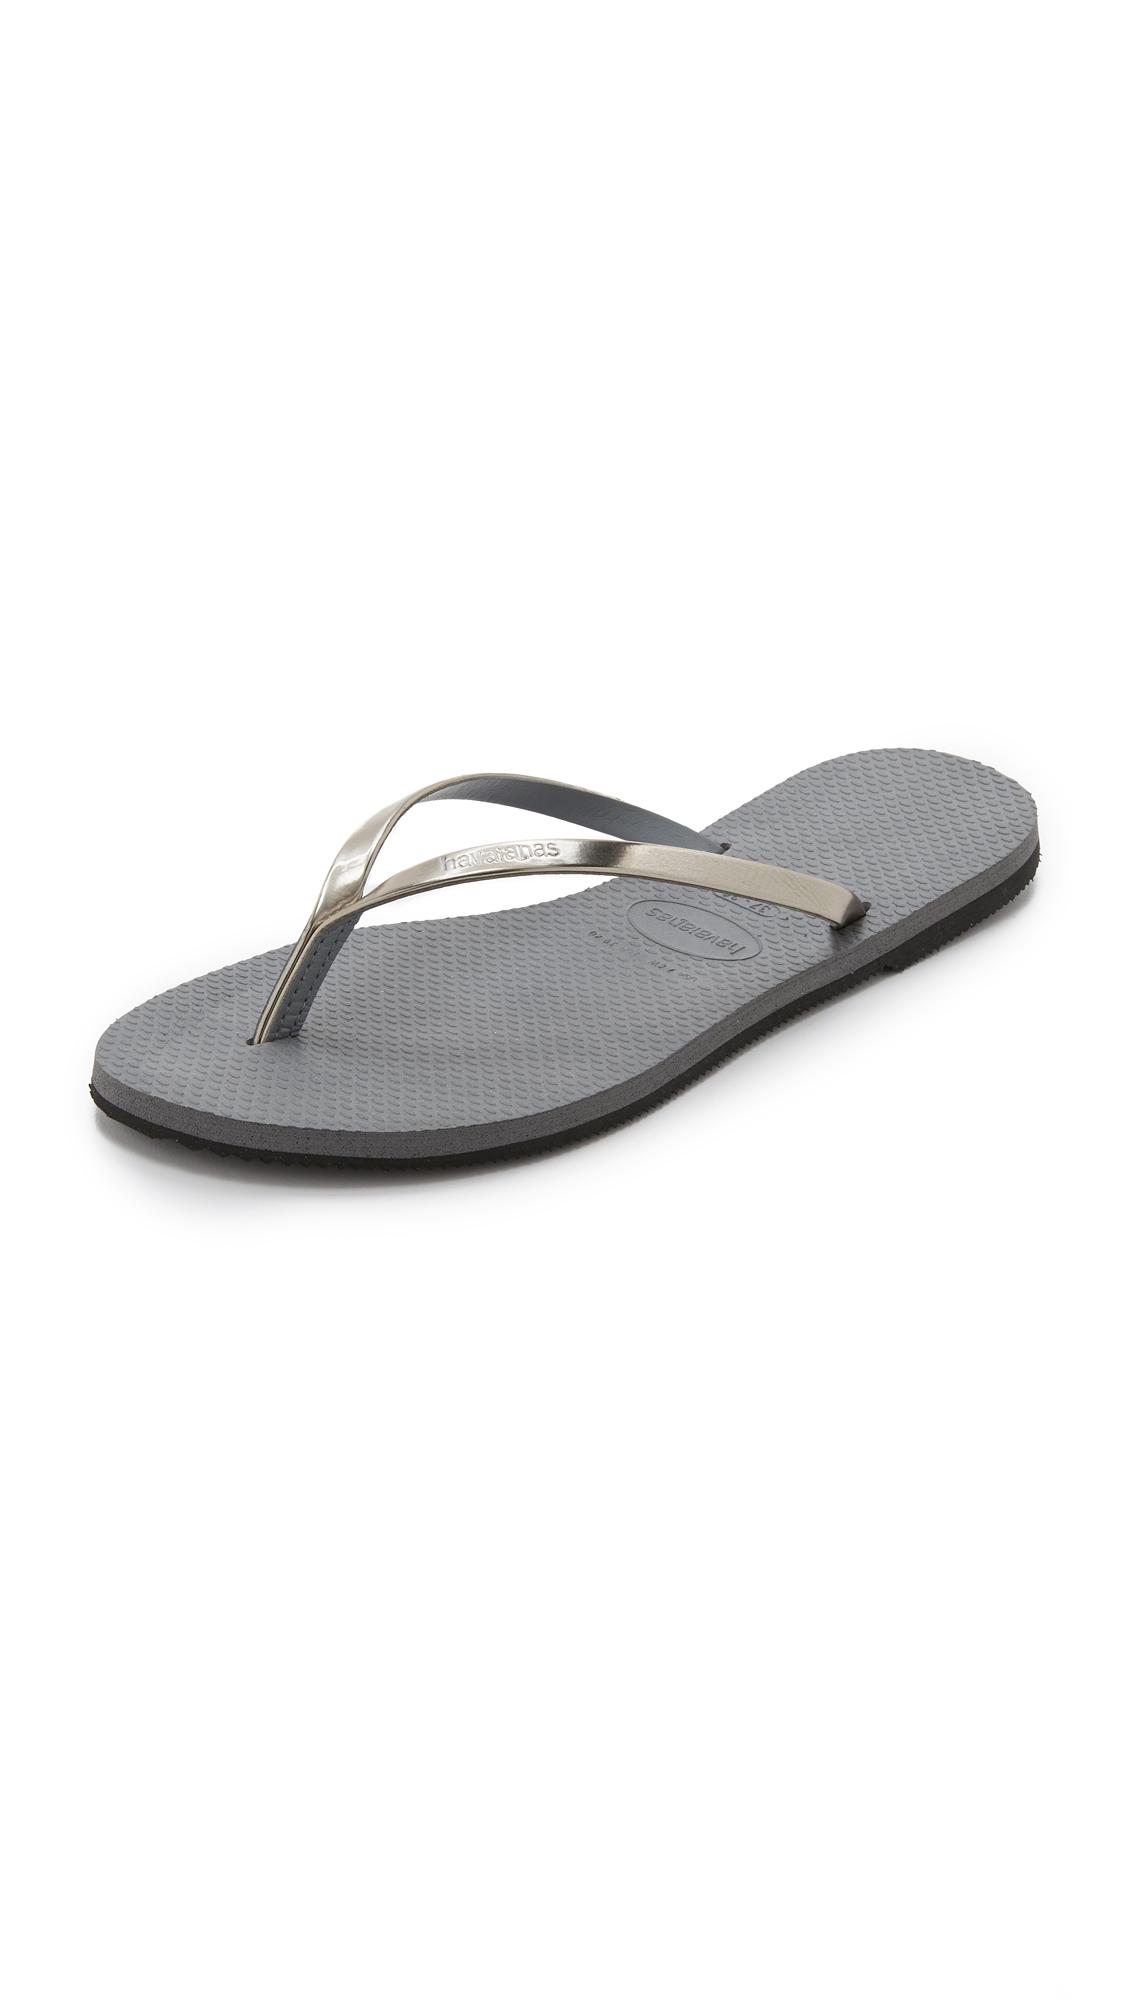 Havaianas You Metallic Flip Flops In Gray Lyst